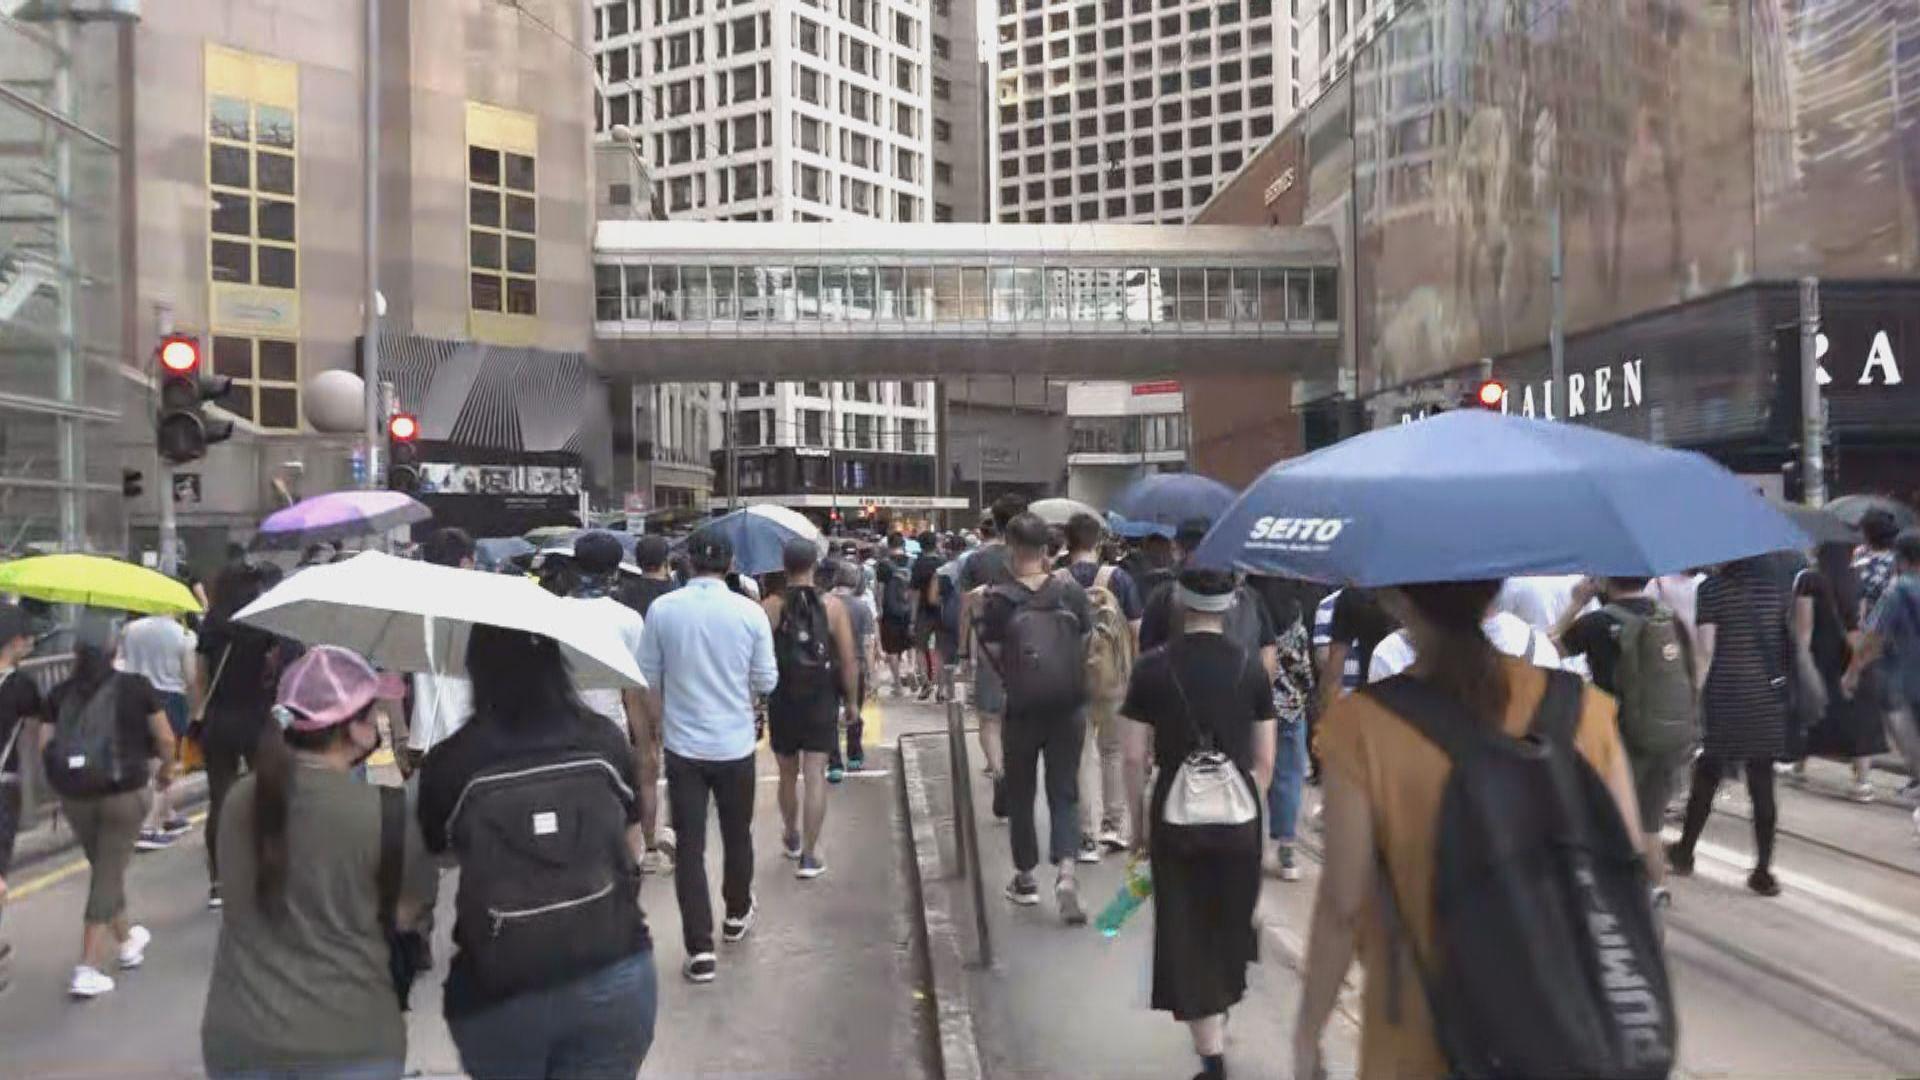 反蒙面法遊行隊伍抵達皇后像廣場 將頭盔放上銅像